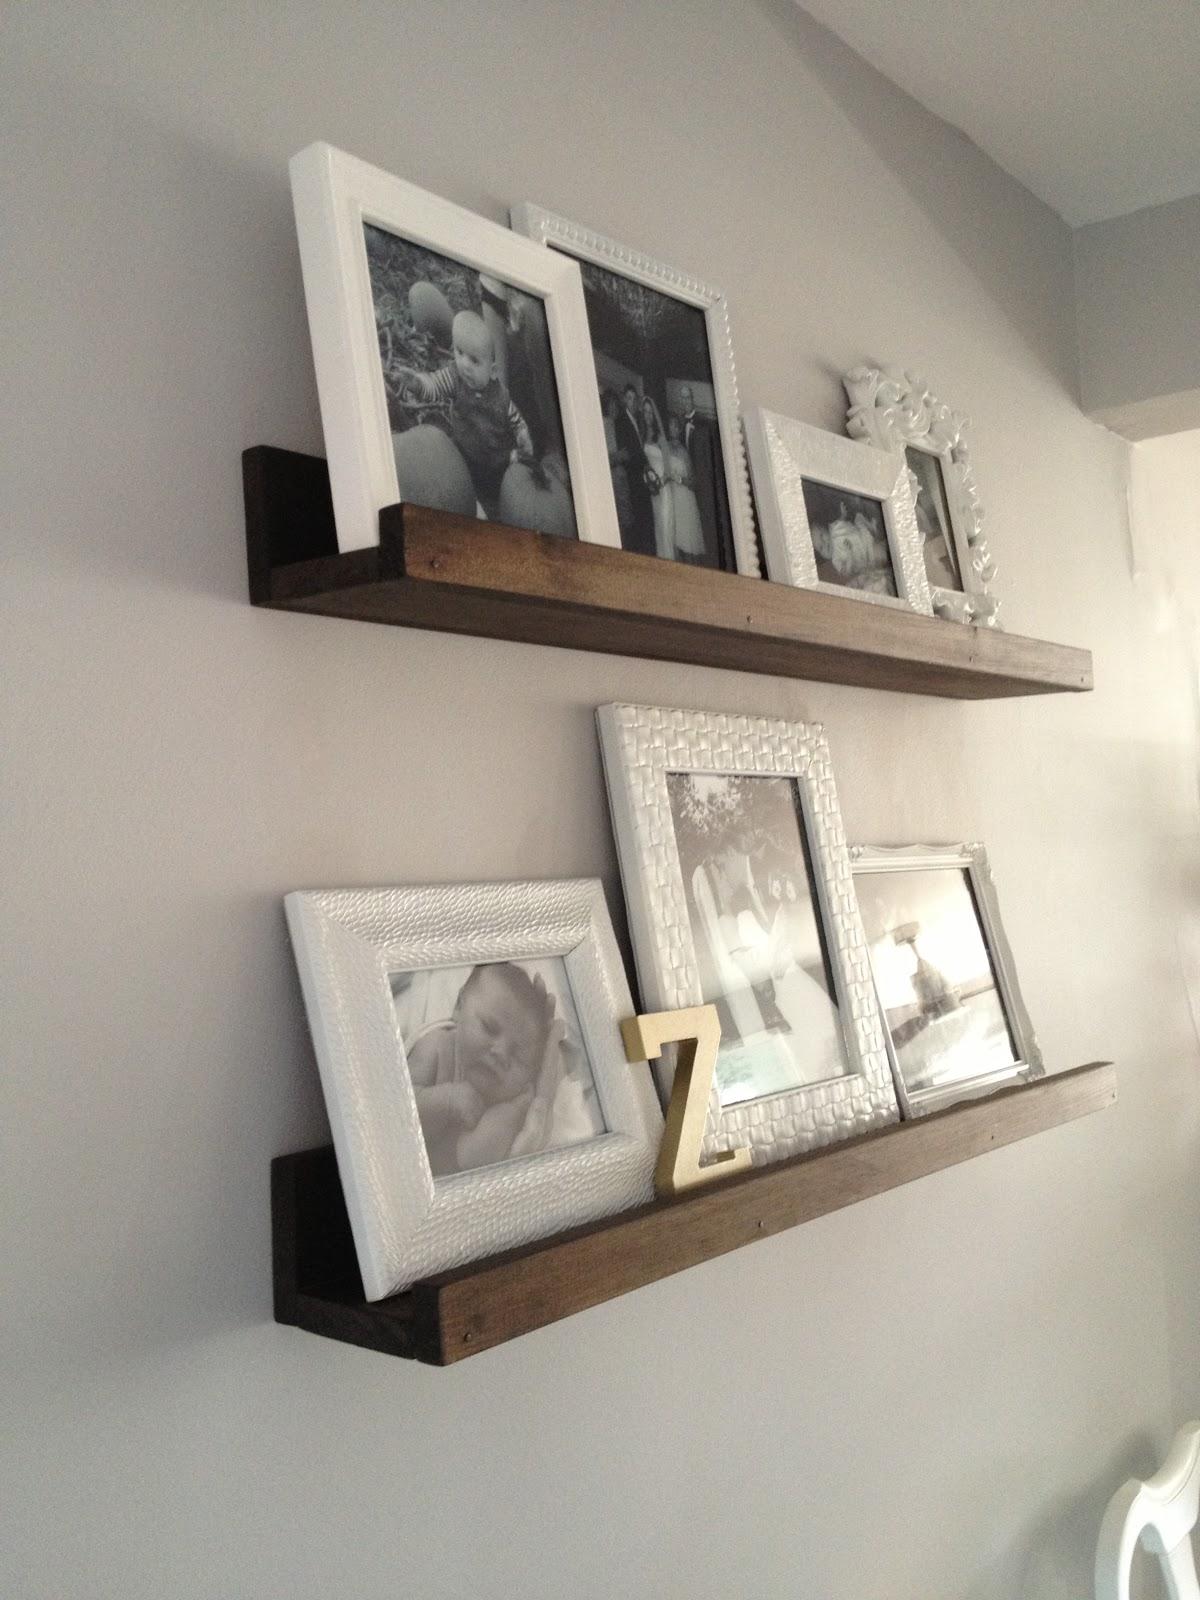 Retro Ranch Reno: DIY Wood Shelves.